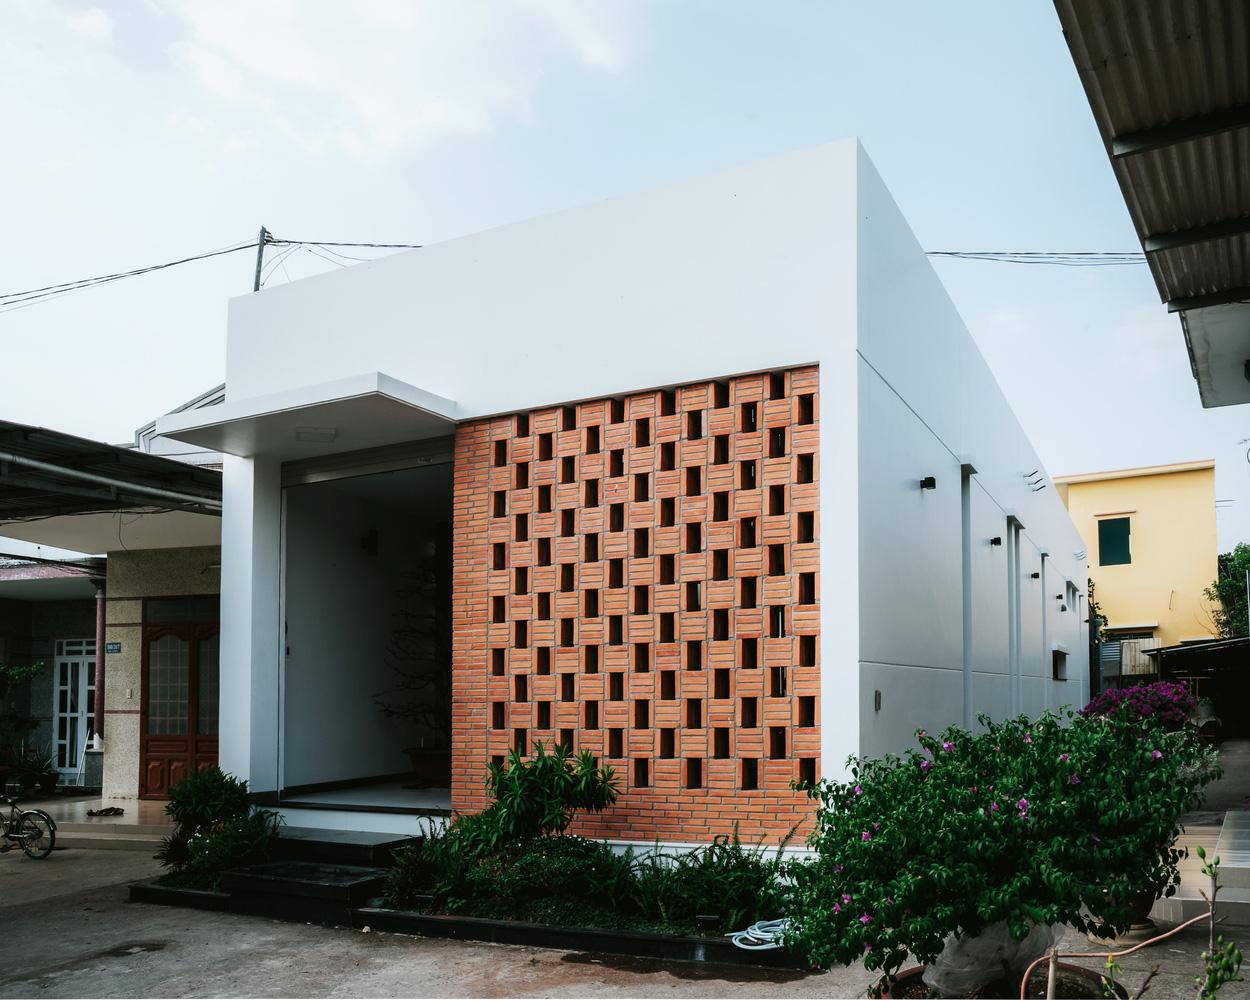 4 ngôi nhà độc đáo của Việt Nam được vinh danh Top 50 công trình đẹp nhất của năm trên tạp chí kiến trúc Mỹ - Ảnh 13.